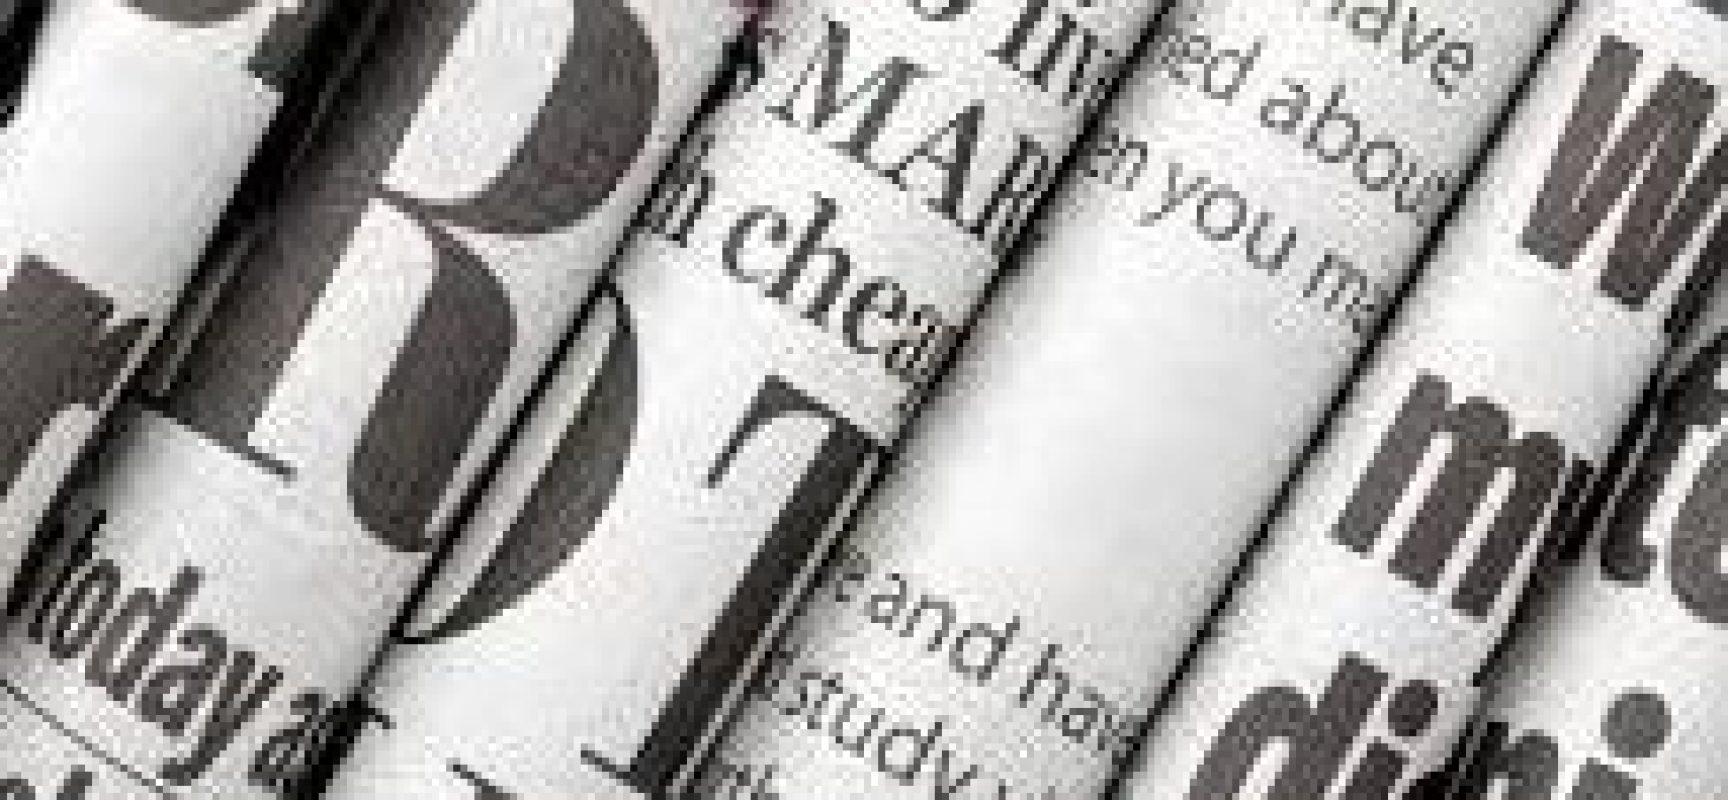 35% da população não tem acesso a jornais locais, impresso ou online, segundo o Atlas da Notícia